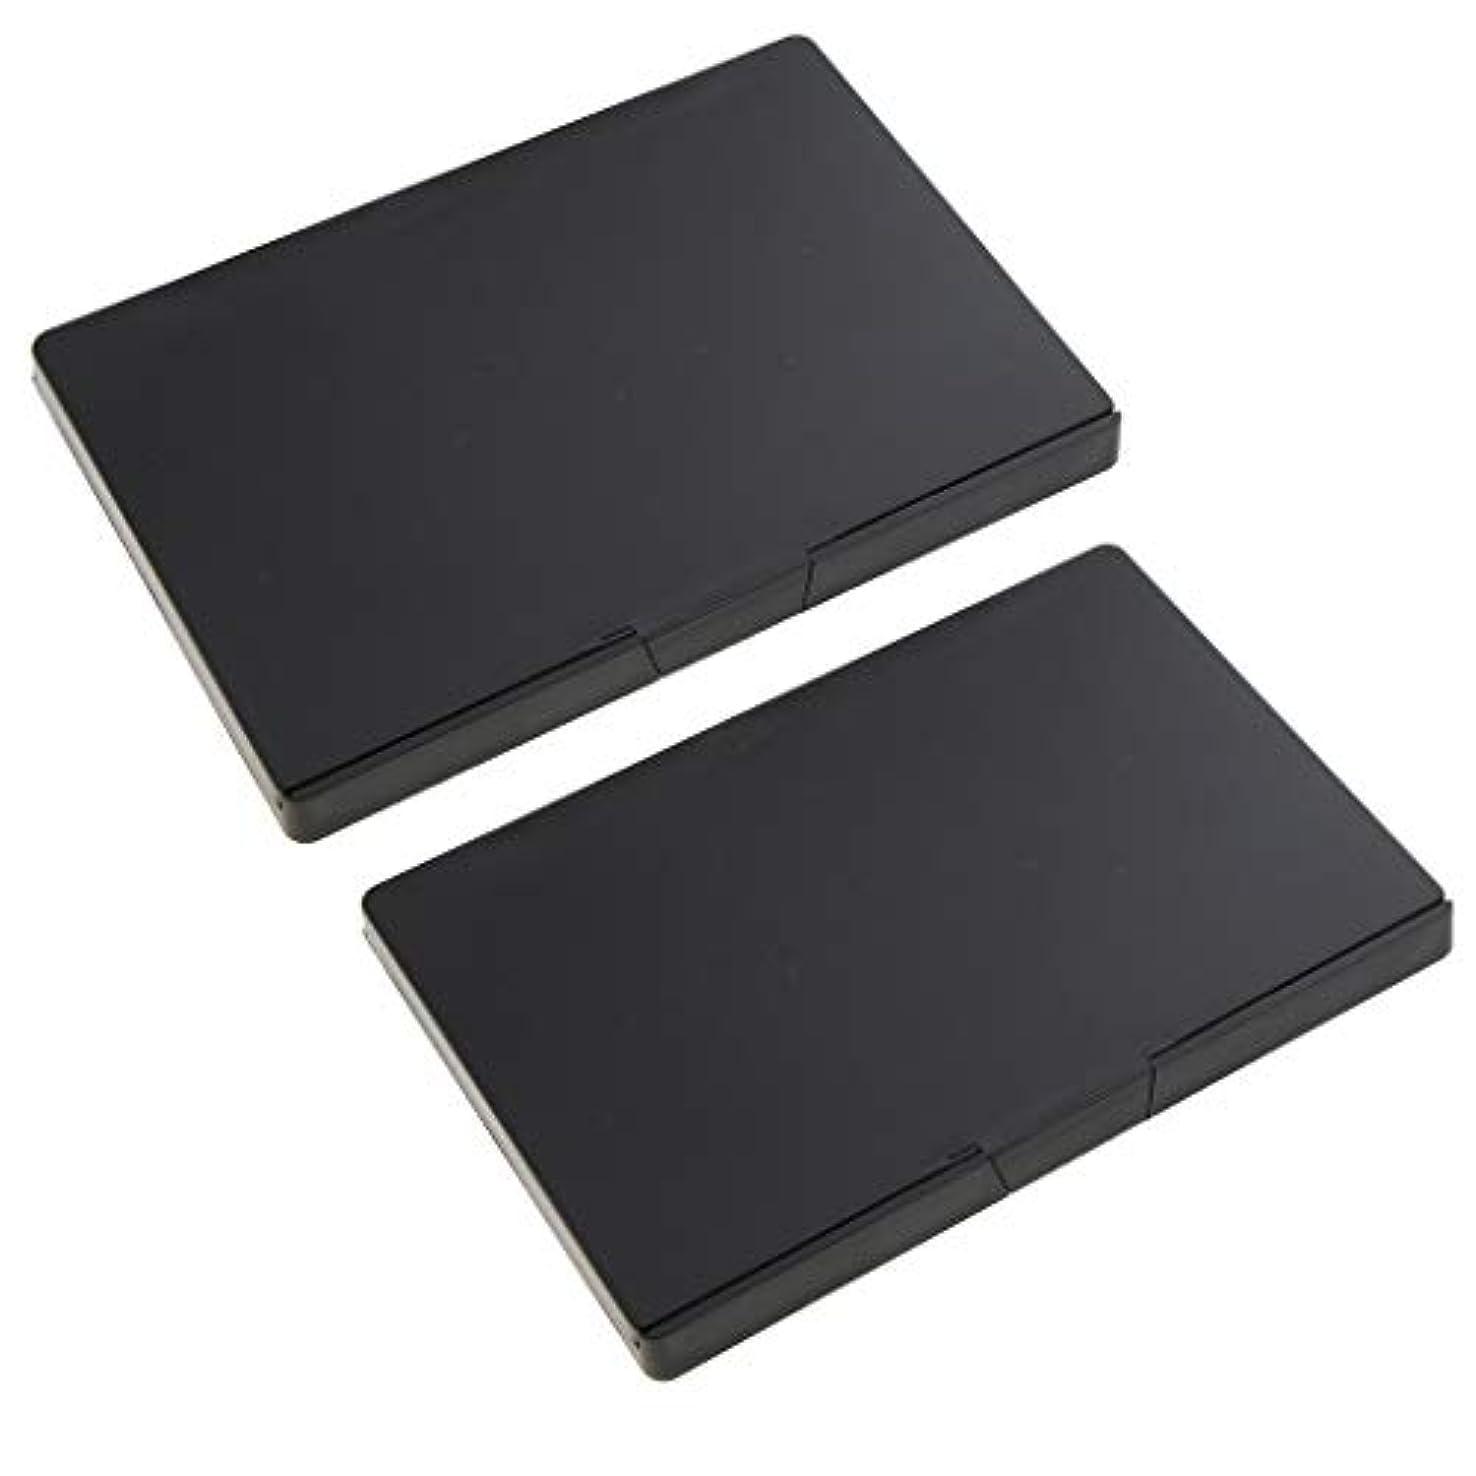 隠された好む微視的2個 磁気パレット メイクアップパレット 手作り コスメ 小分け容器 旅行 便利